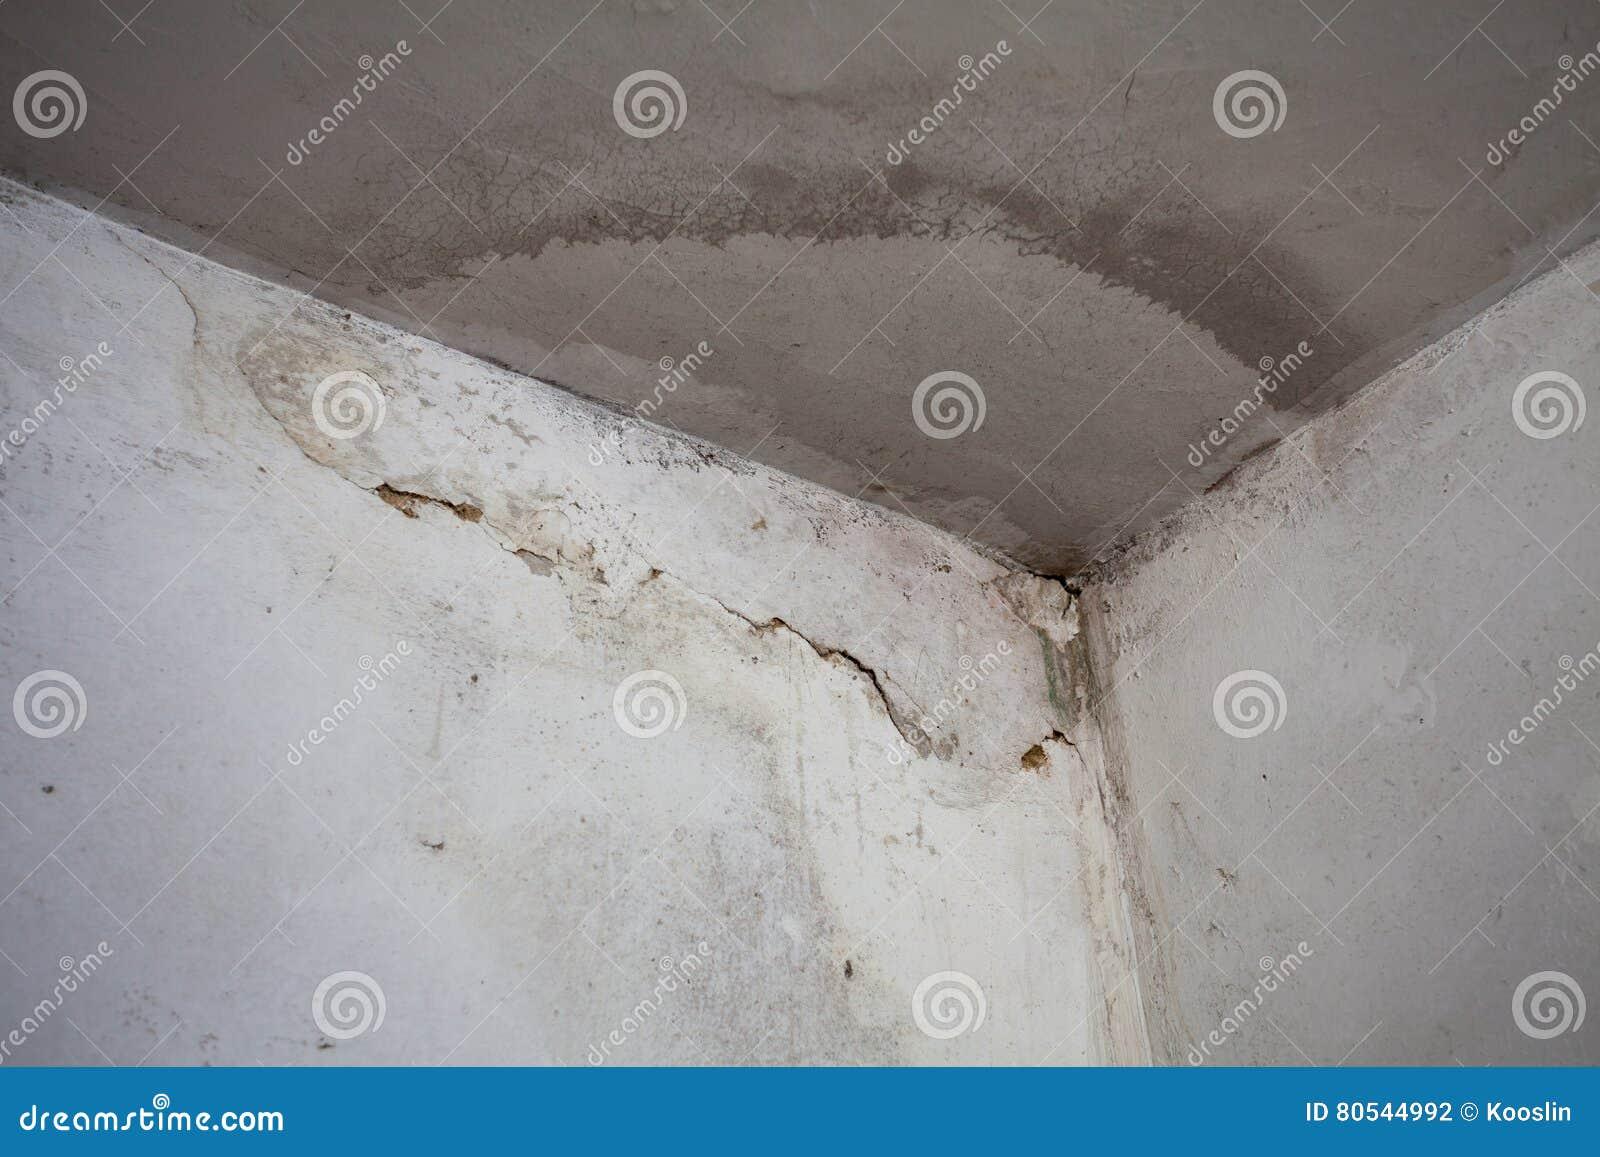 Wasser Geschädigte Decke Und Wand Stockfoto - Bild von wohnung, haus ...